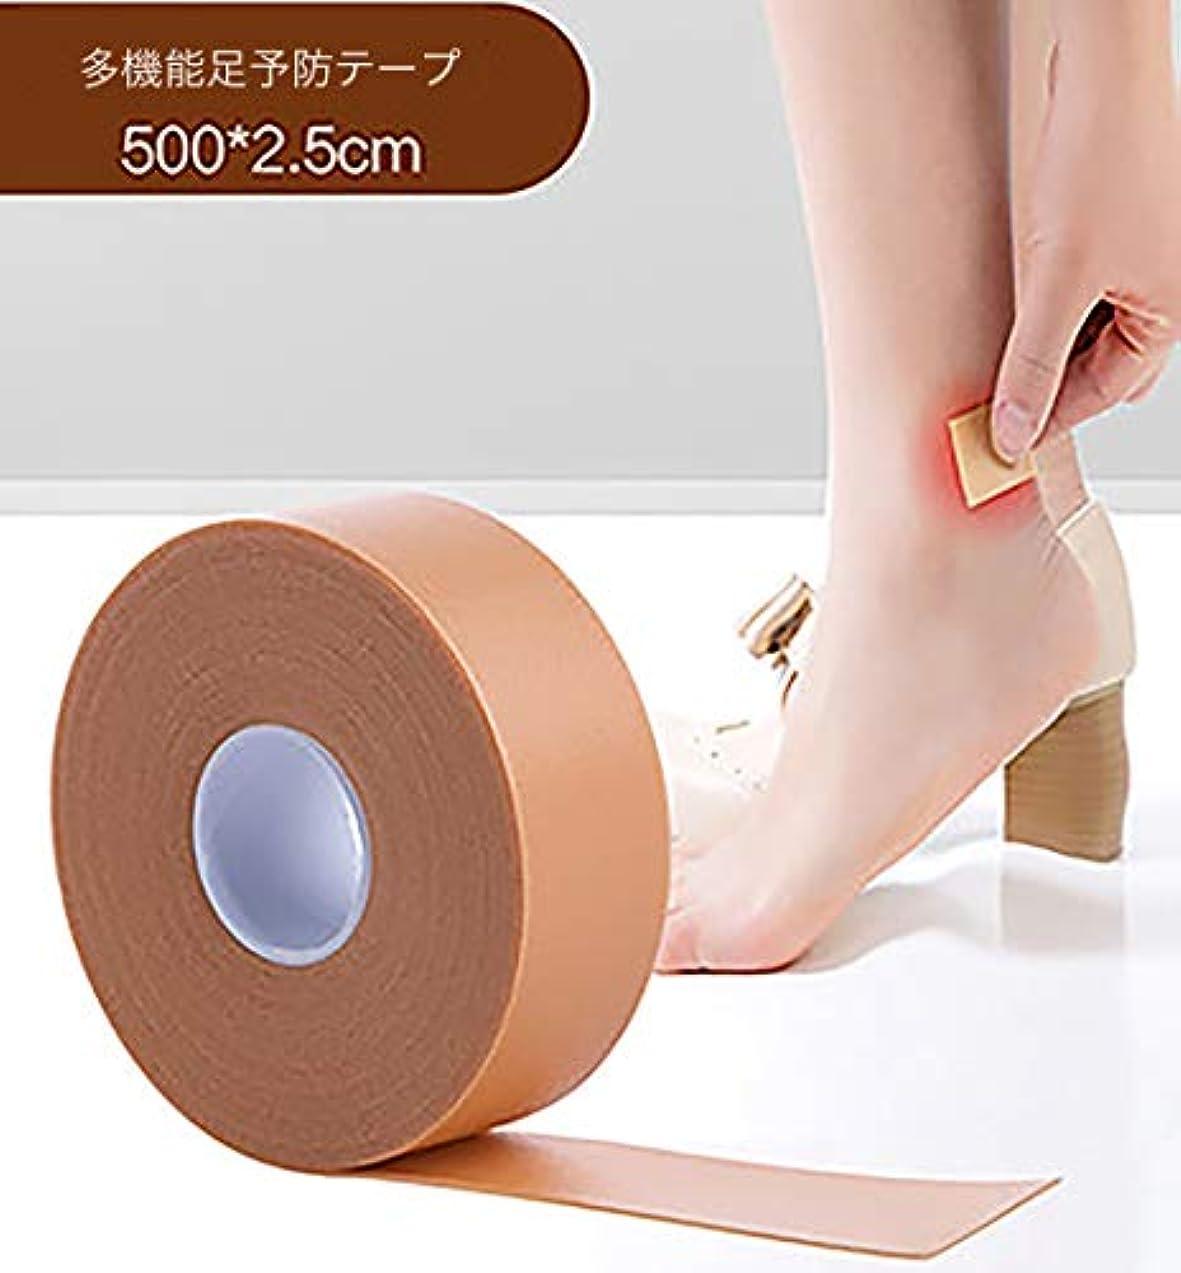 変えるダウンいたずらな靴擦れ くつずれ防止 靴擦れケアテープ かかと パッド フットヒールステッカーテープ 防水素材 粘着 かかと パッド テープ 足痛み軽減 耐摩耗 痛み緩和 伸縮性抜群 男女兼用 (1個セット)